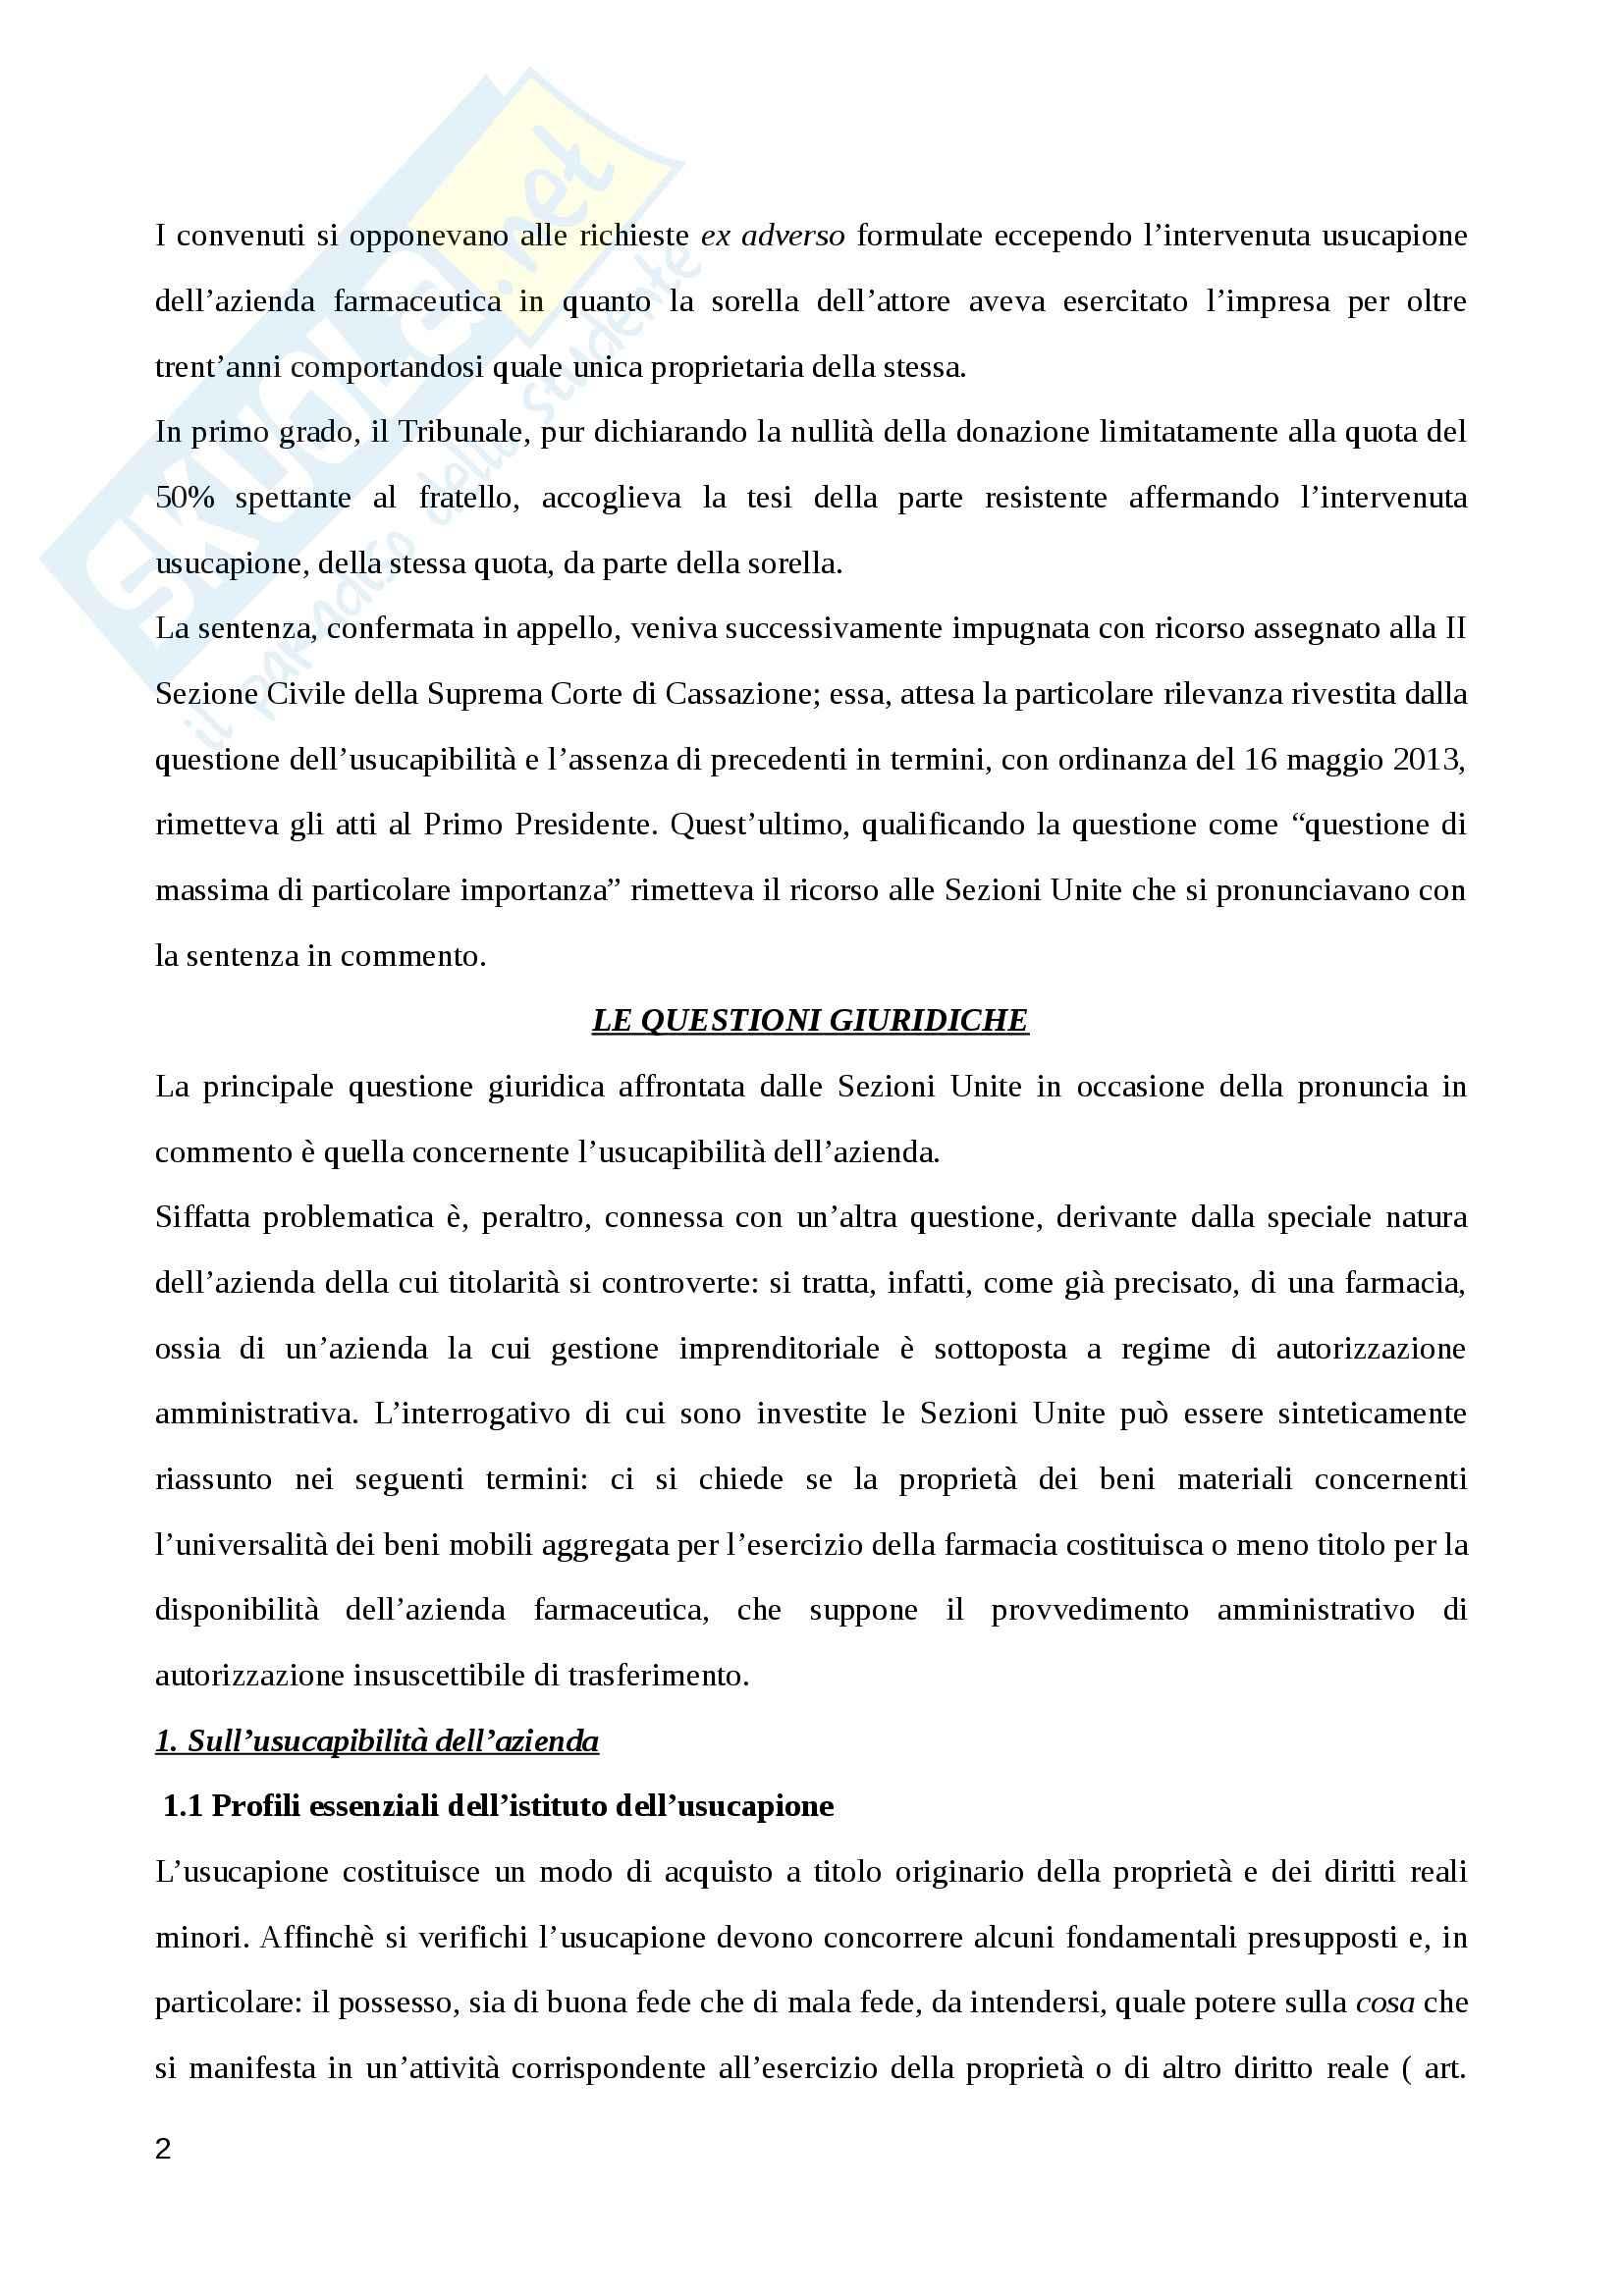 Usucapibilità dell'azienda, Diritto civile Pag. 2